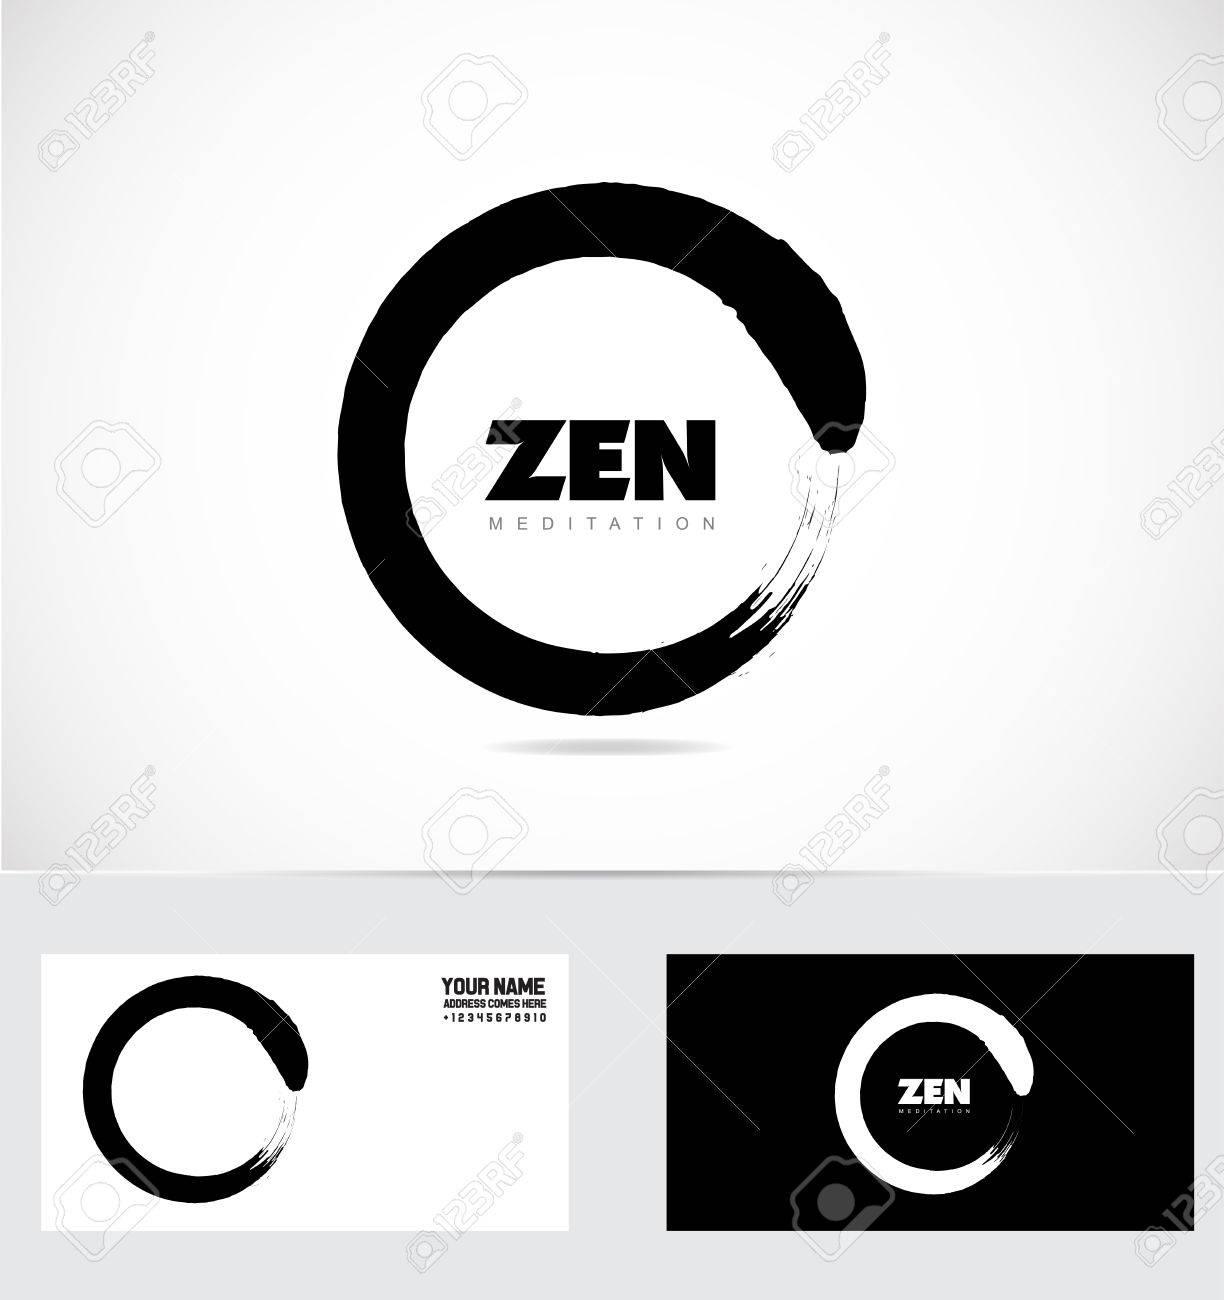 Schön Zen Vorlage Zeitgenössisch - Beispielzusammenfassung Ideen ...